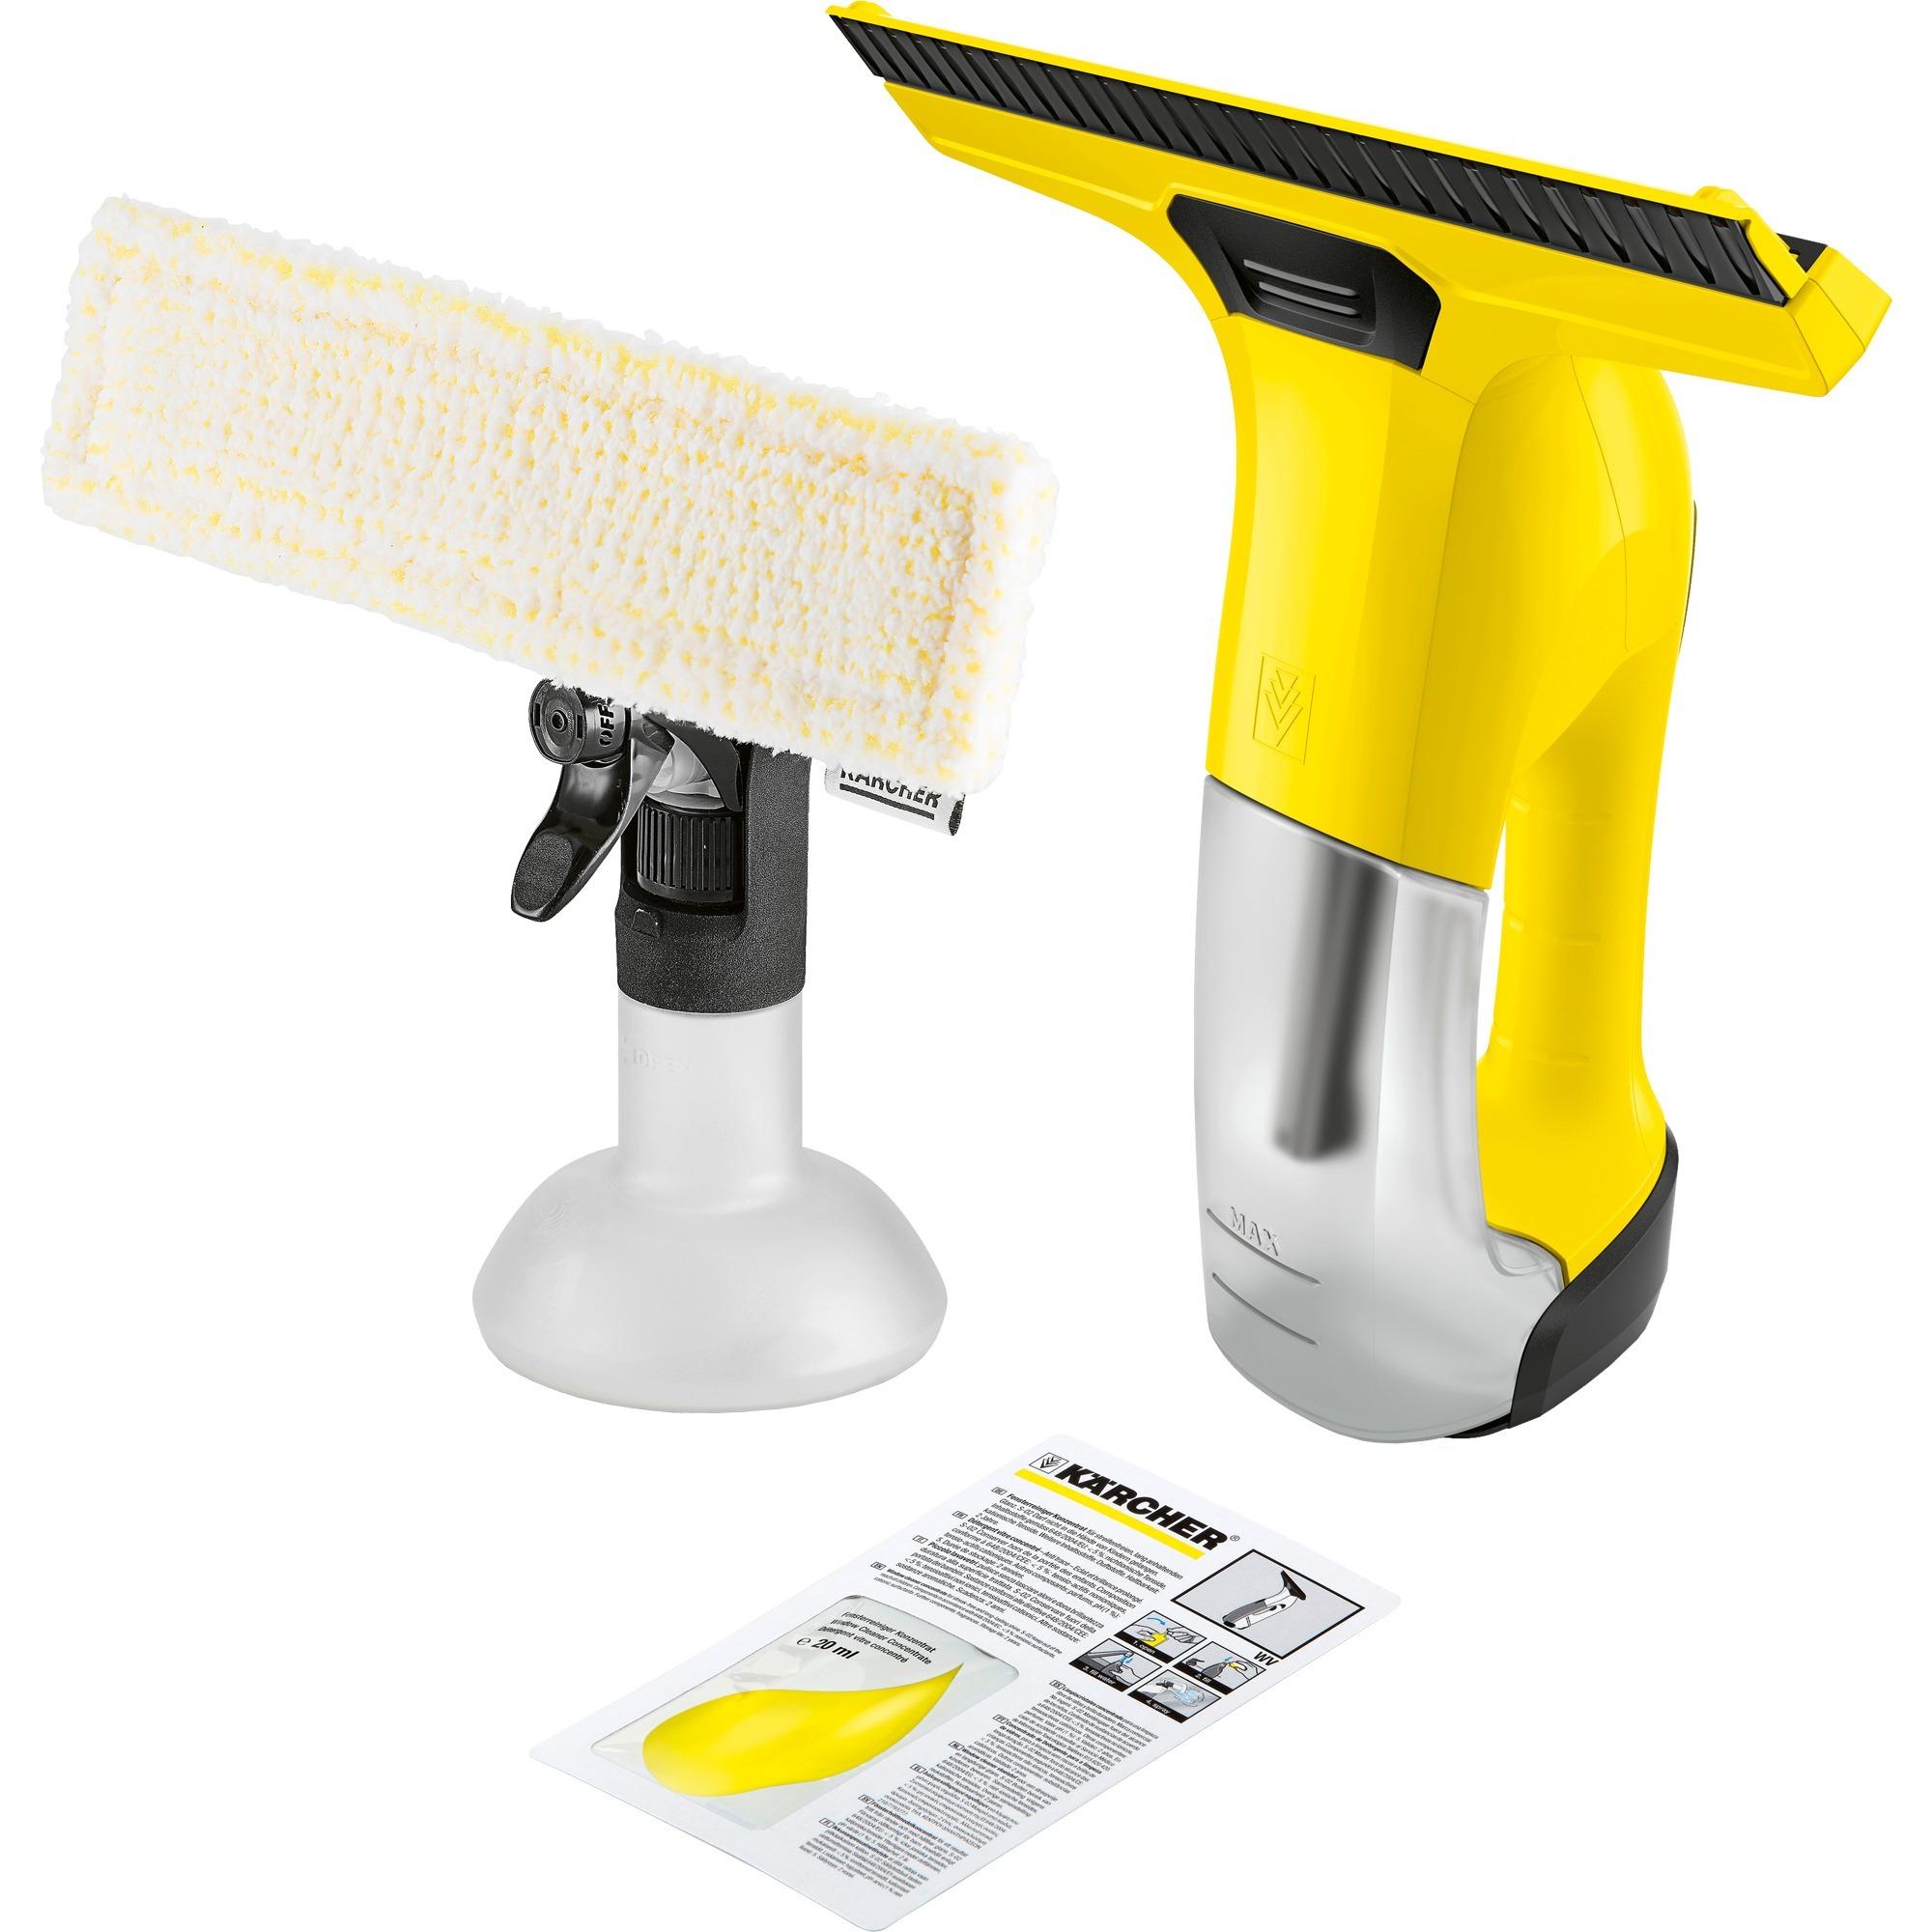 1.633-510.0 limpiador eléctrico ventana Negro, Amarillo 0,15 L, Aspiradora de ventanas